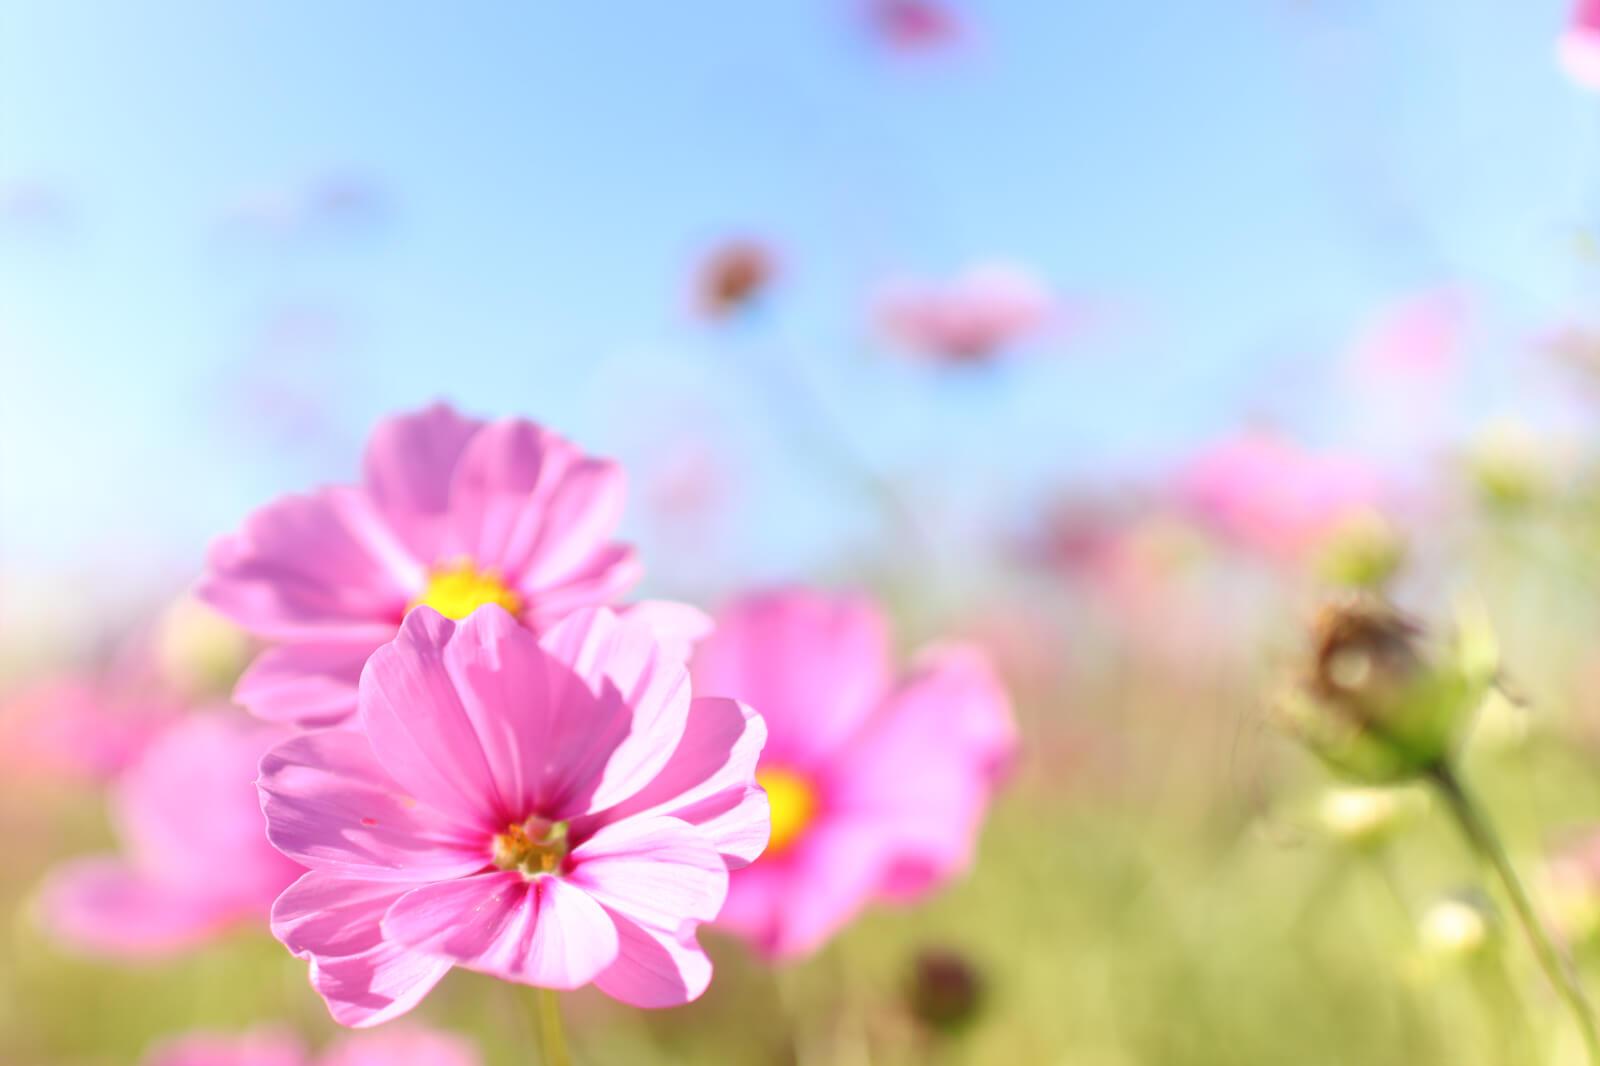 青空に映える薄ピンクのコスモス